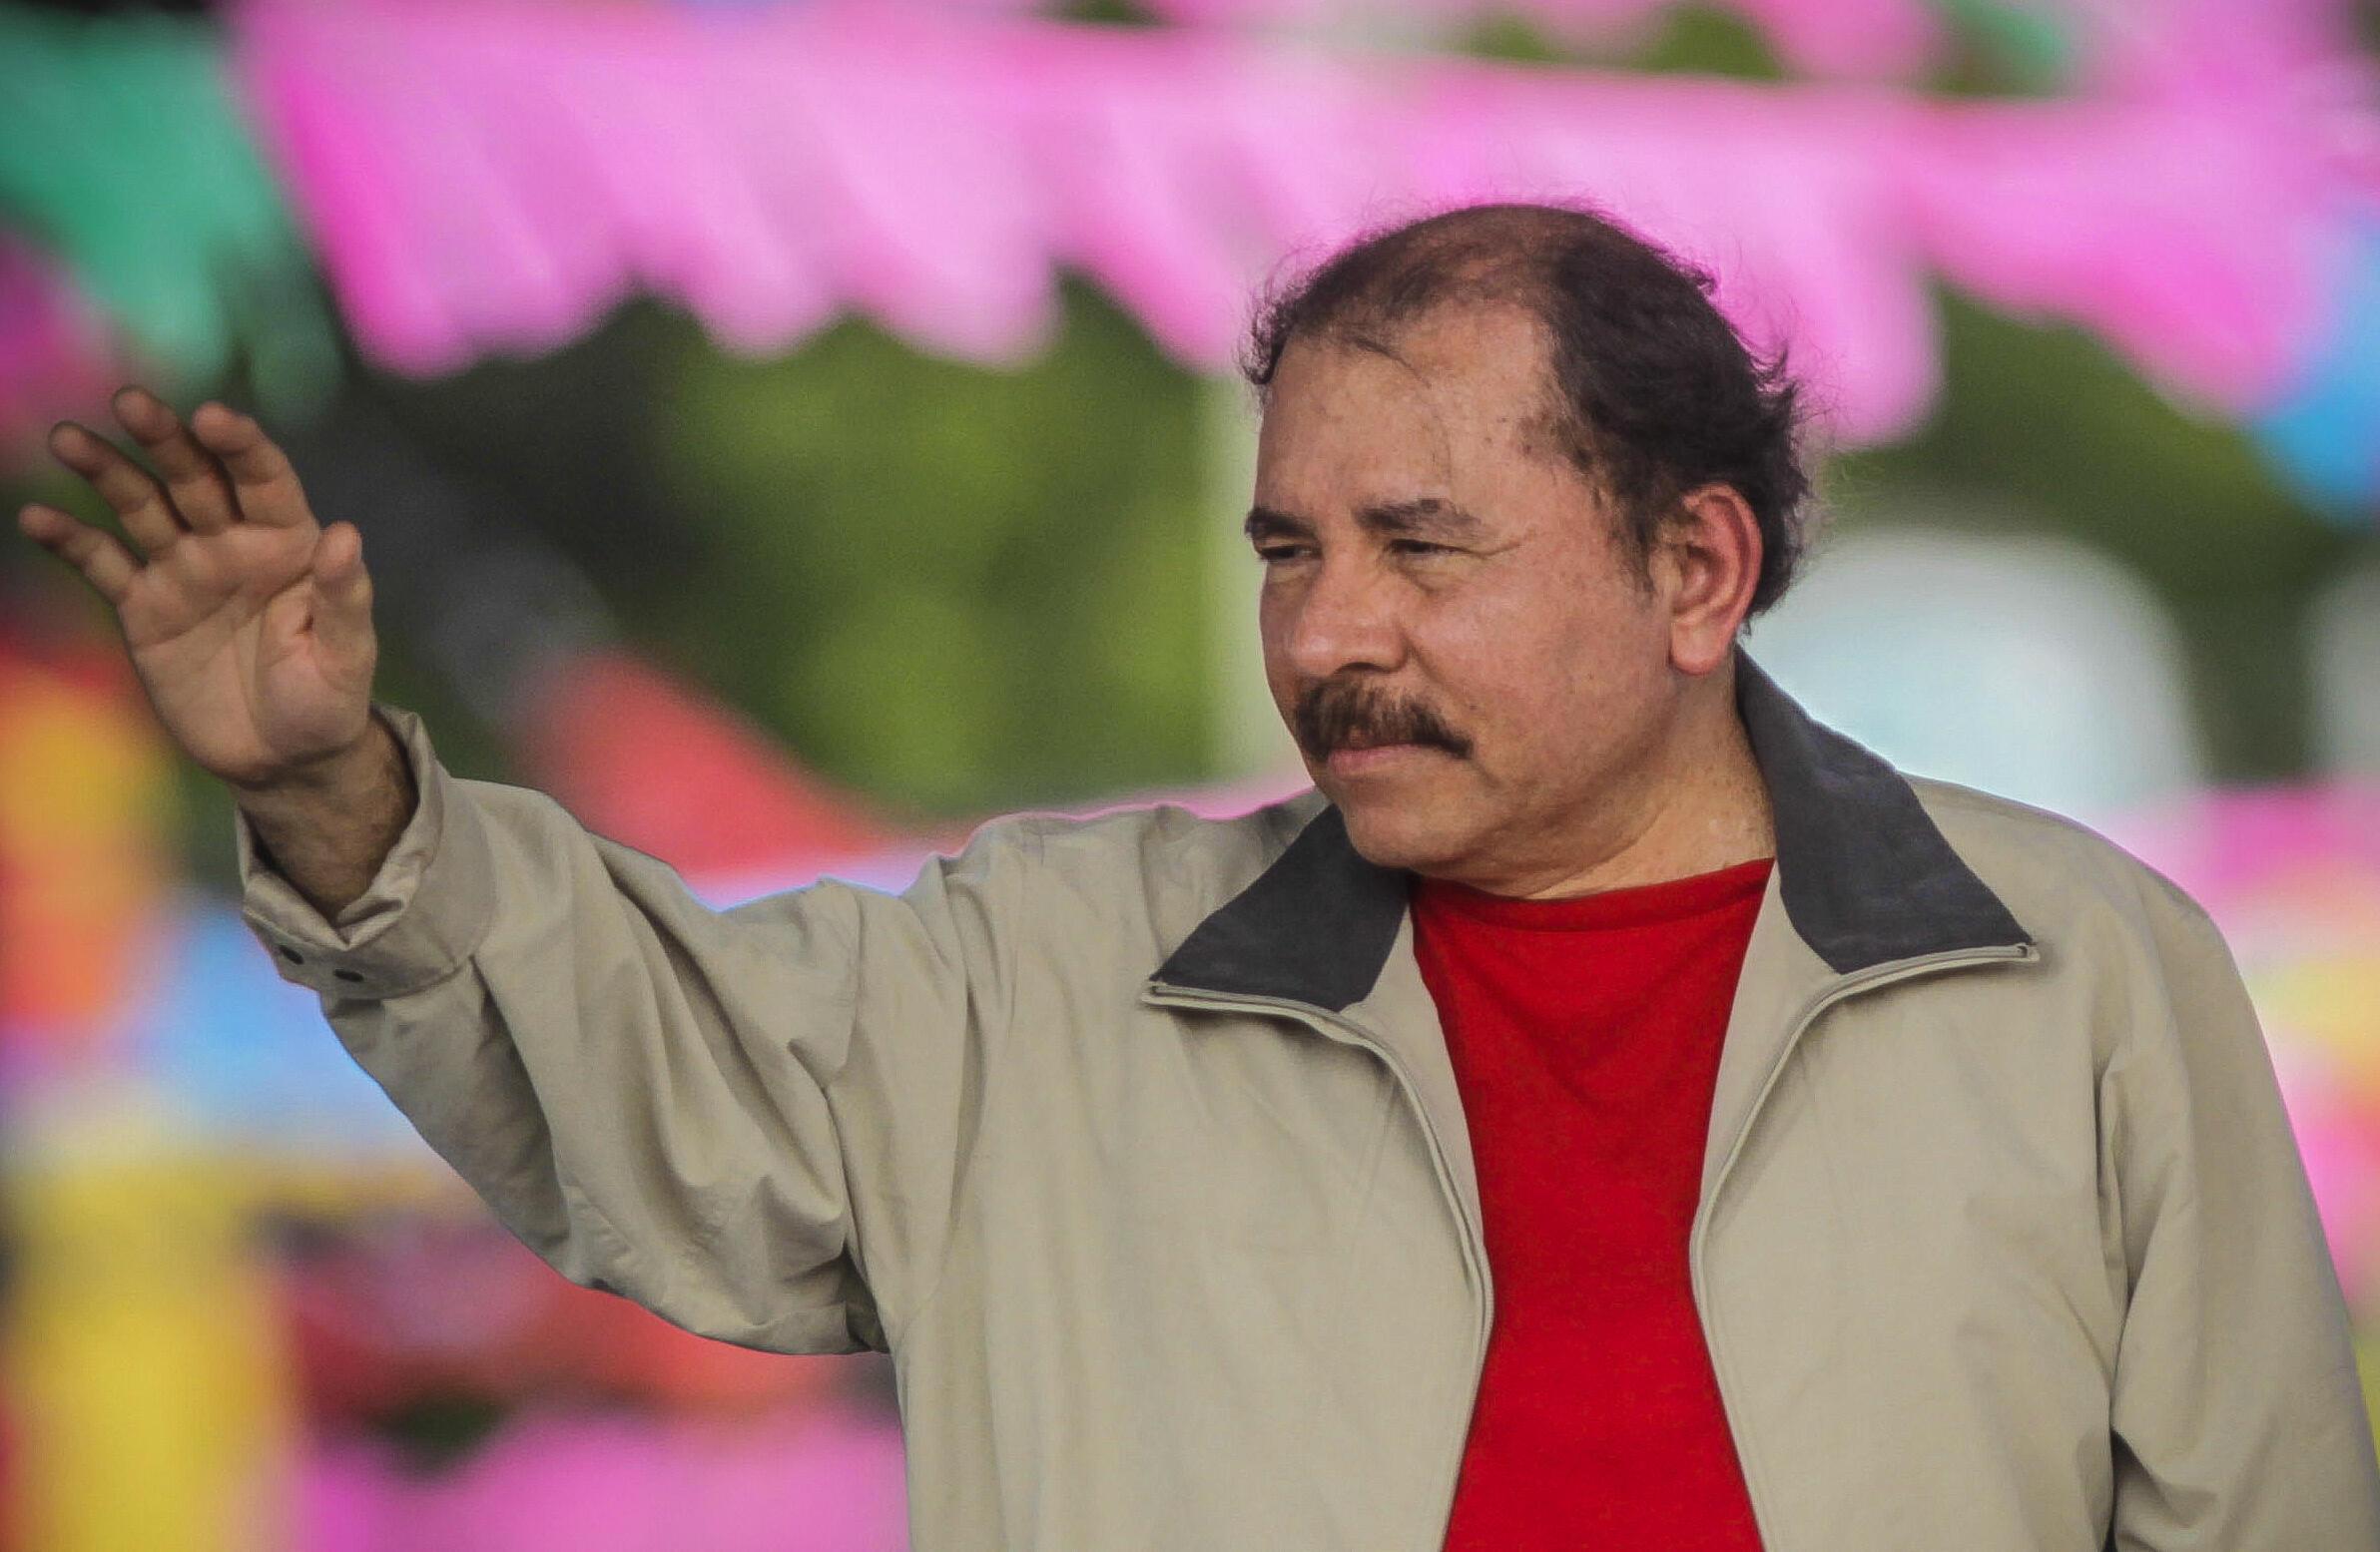 Le président du Nicaragua Daniel Ortega, le 3 juillet 2015 à Managua, la capitale.